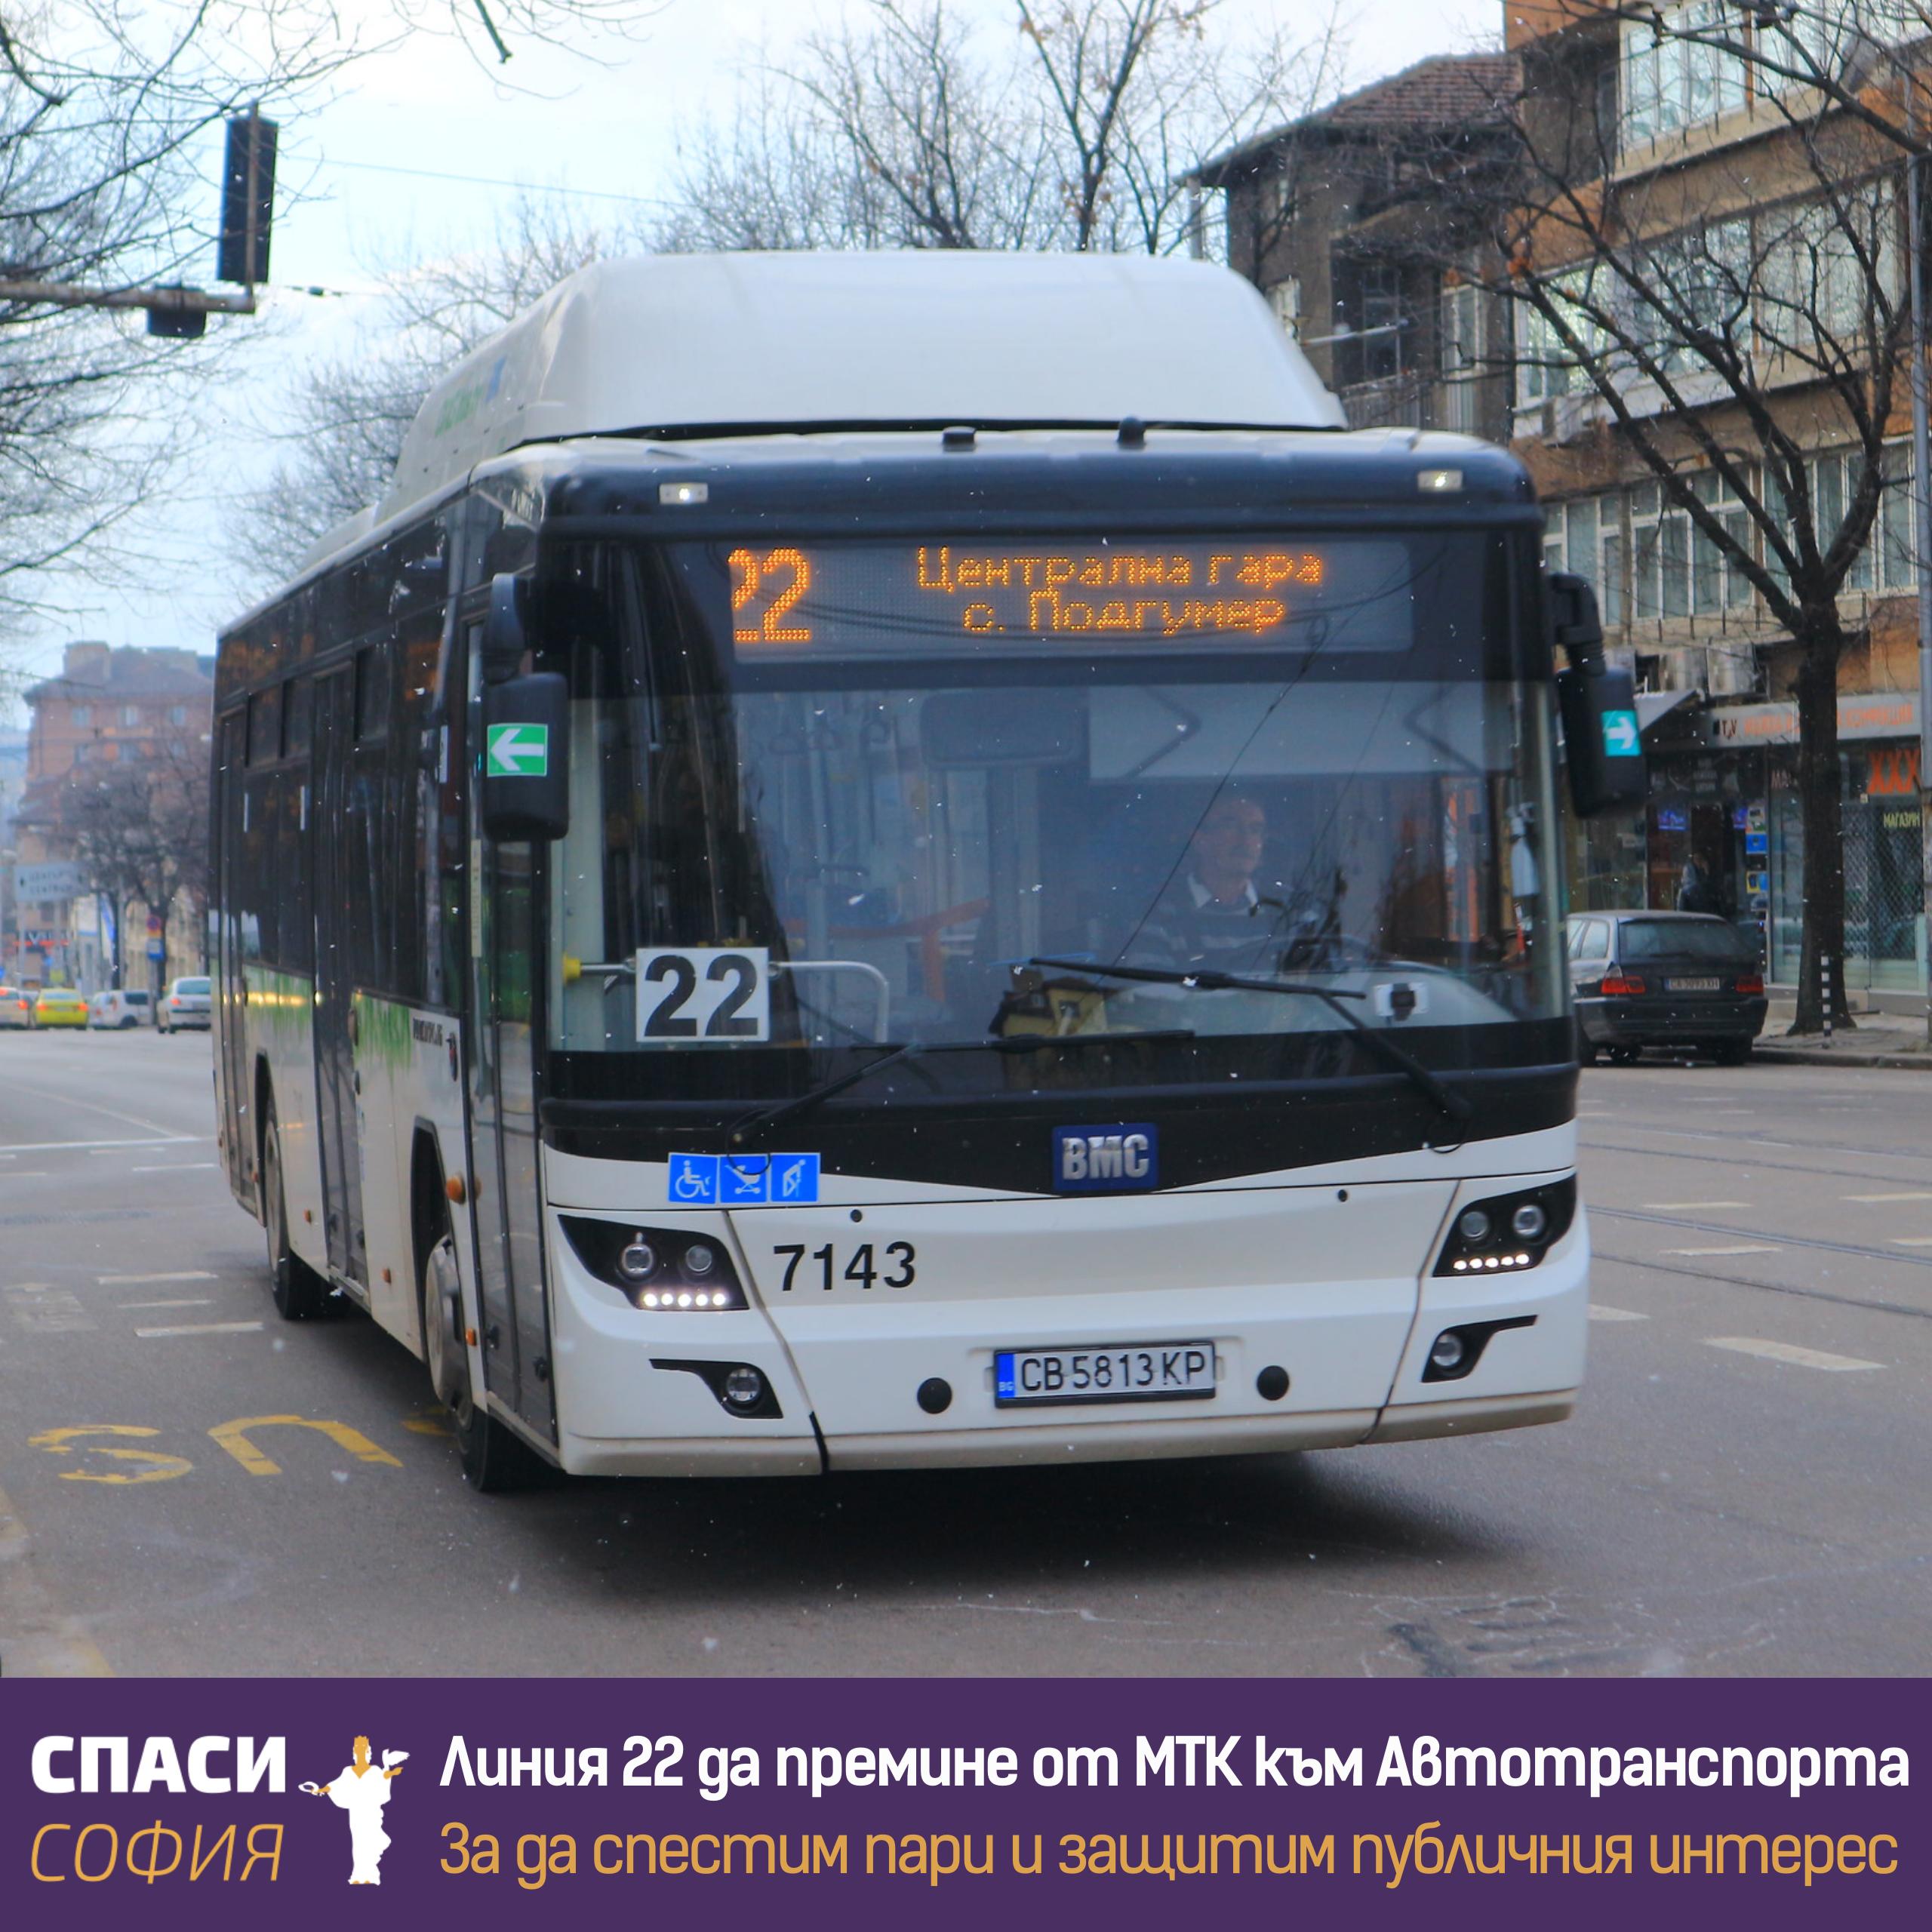 Линия 22 да премине от МТК към Столичния автотранспорт, за да спестим пари и да защитим обществения интерес